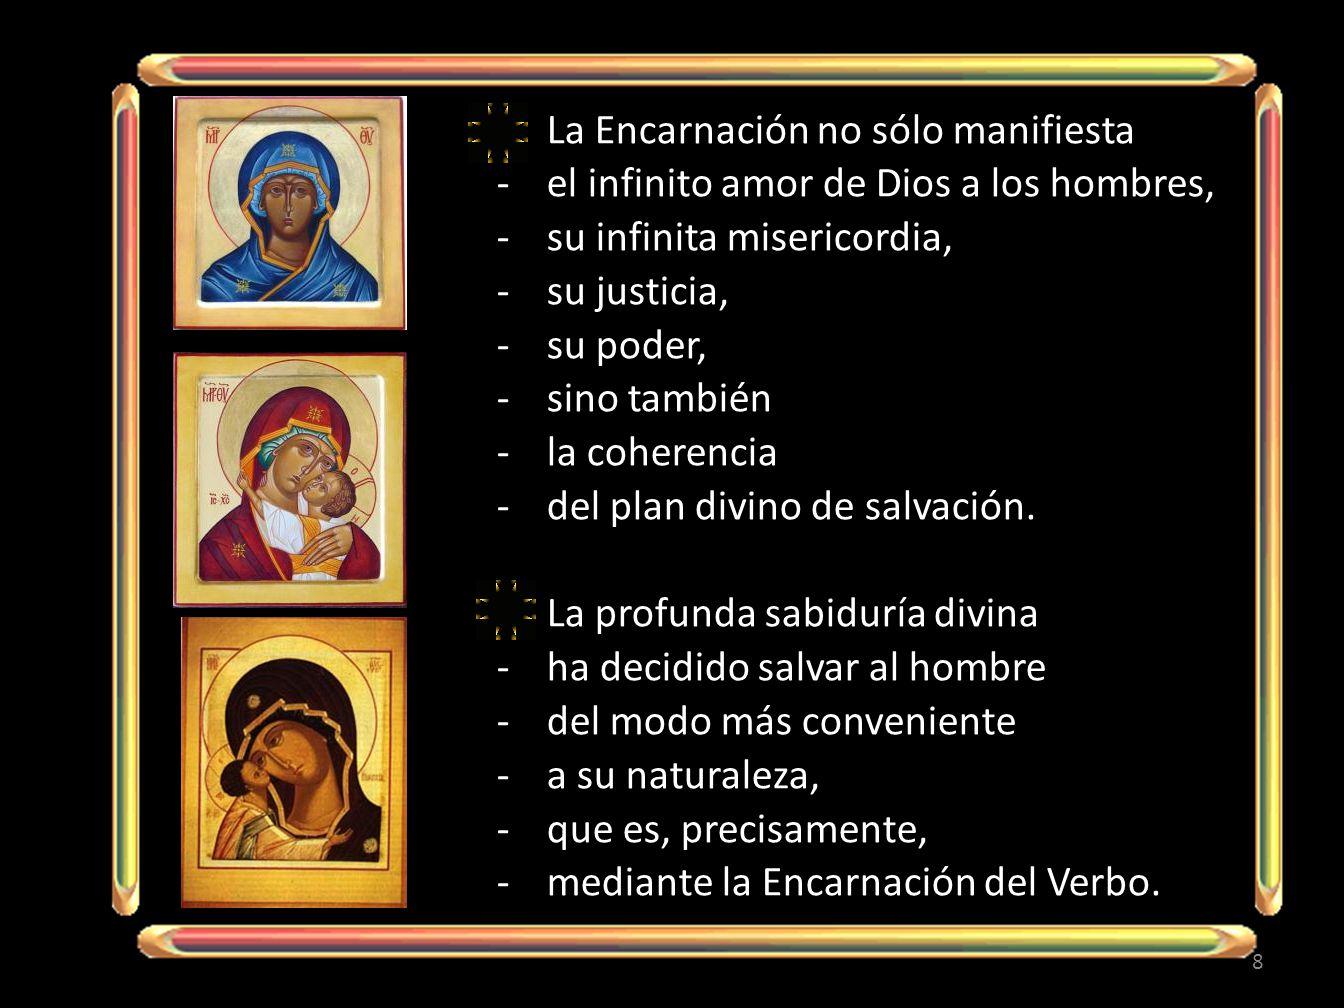 La Encarnación no sólo manifiesta -el infinito amor de Dios a los hombres, -su infinita misericordia, -su justicia, -su poder, -sino también -la coherencia -del plan divino de salvación.